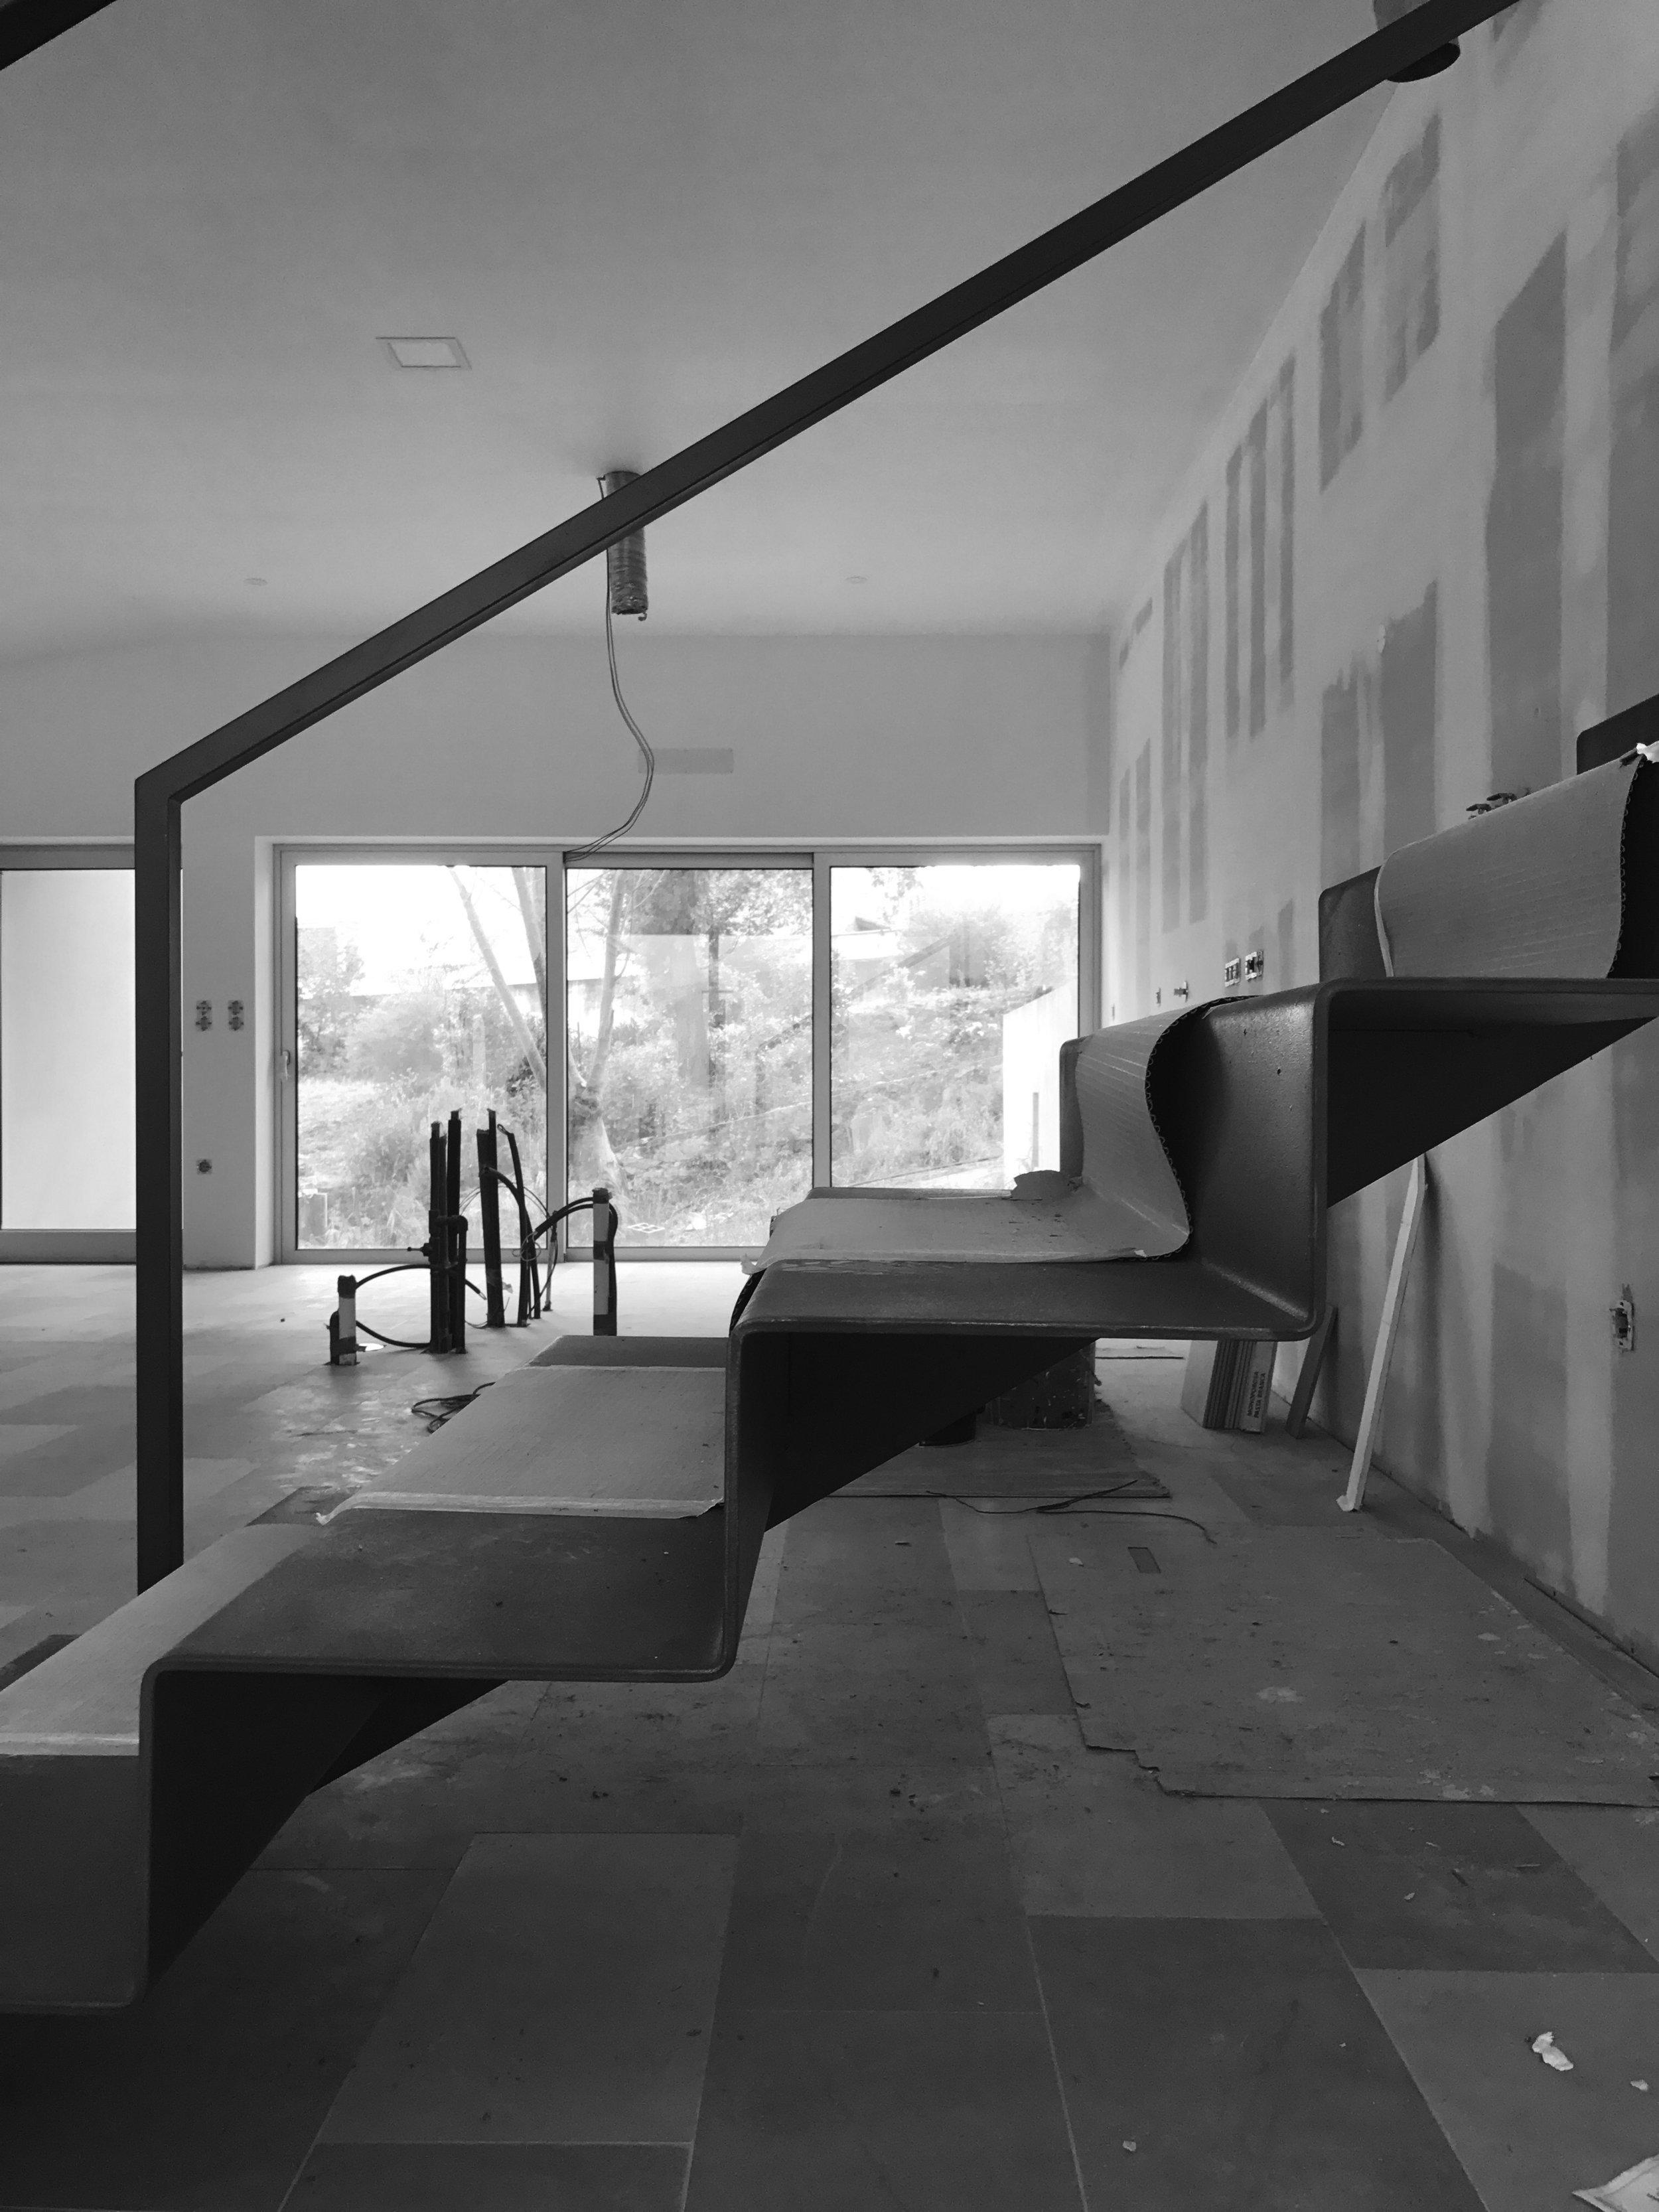 Moradia S+N - arquitectura - arquitectos - porto - oliveira de azemeis - construção - projecto - eva evolutionary architecture (28).jpg